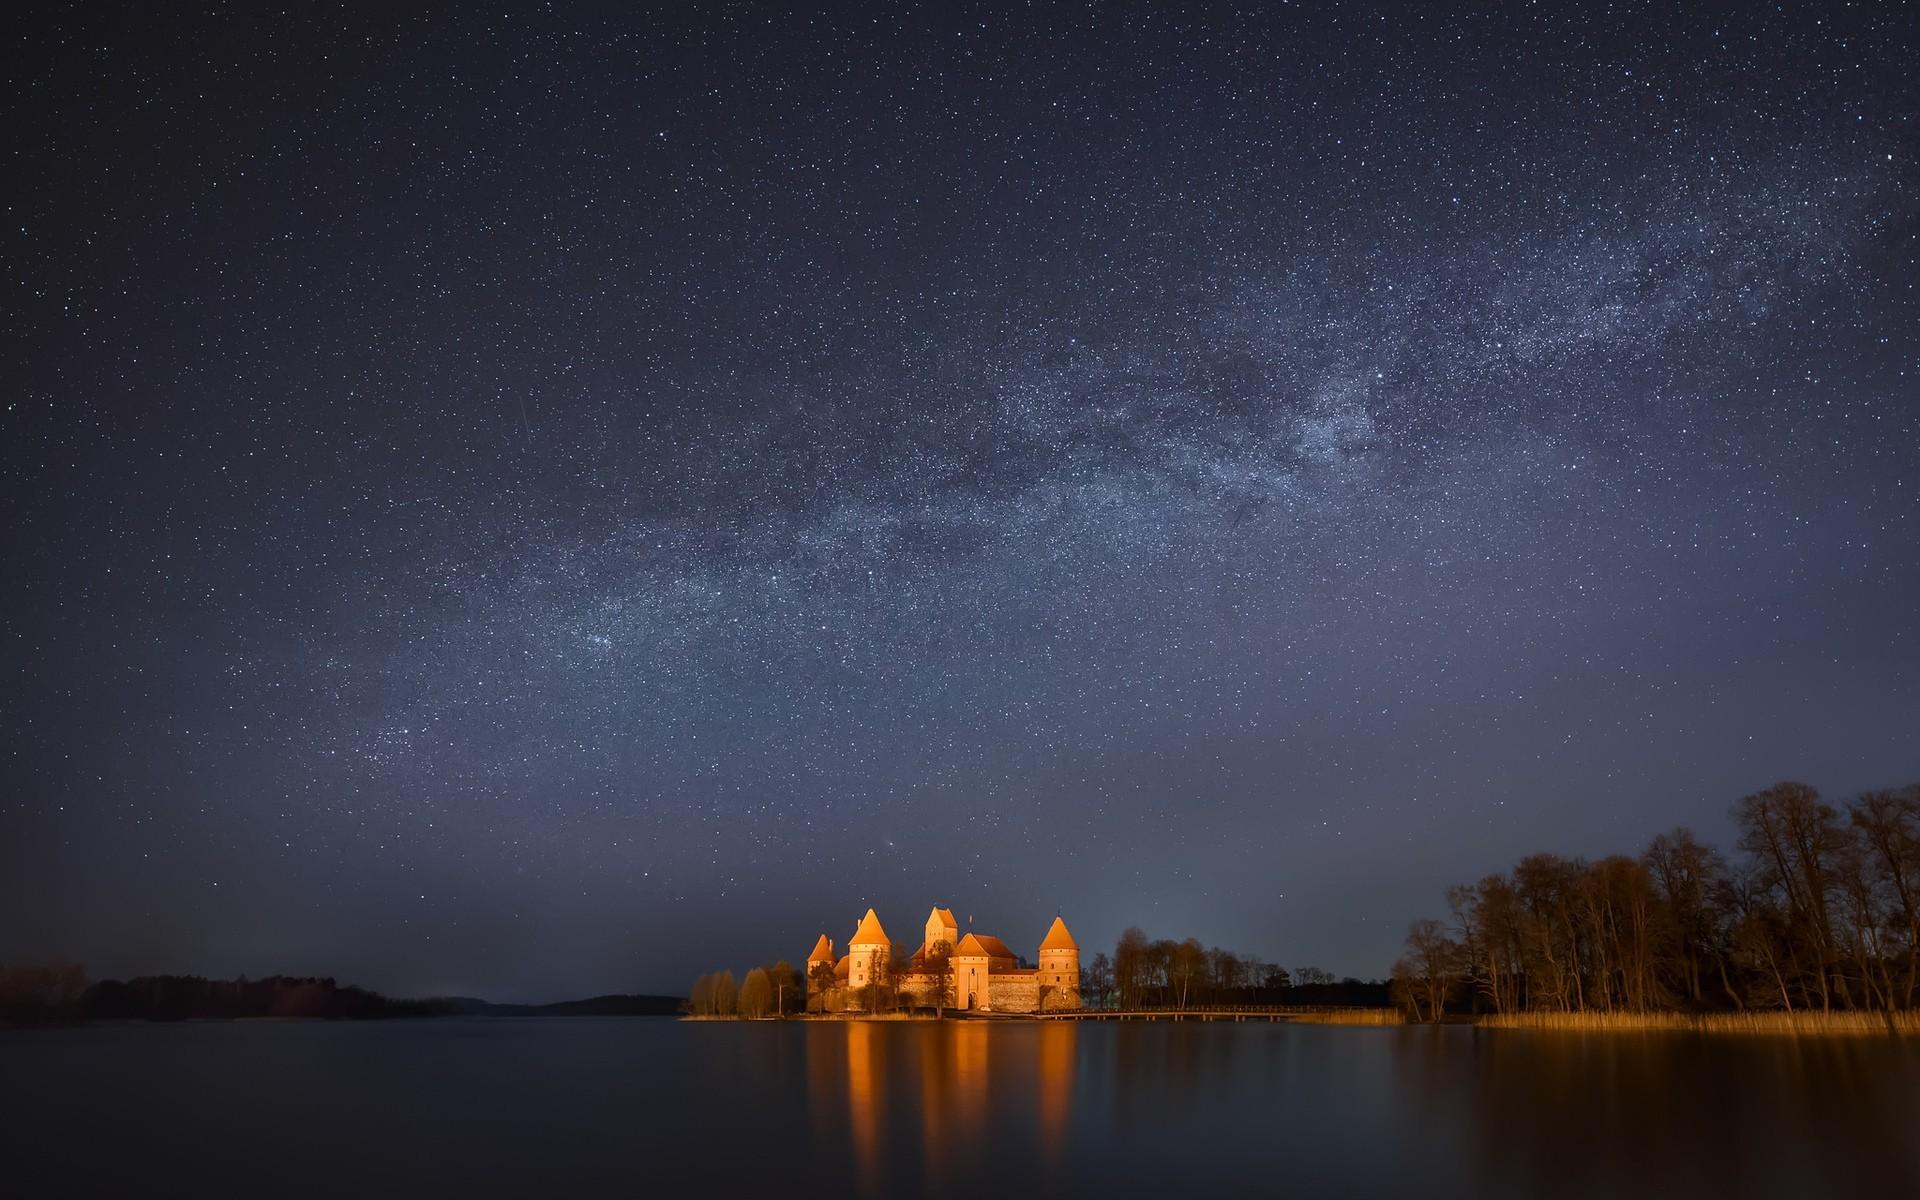 вторую, если ночное небо реальное фото земля